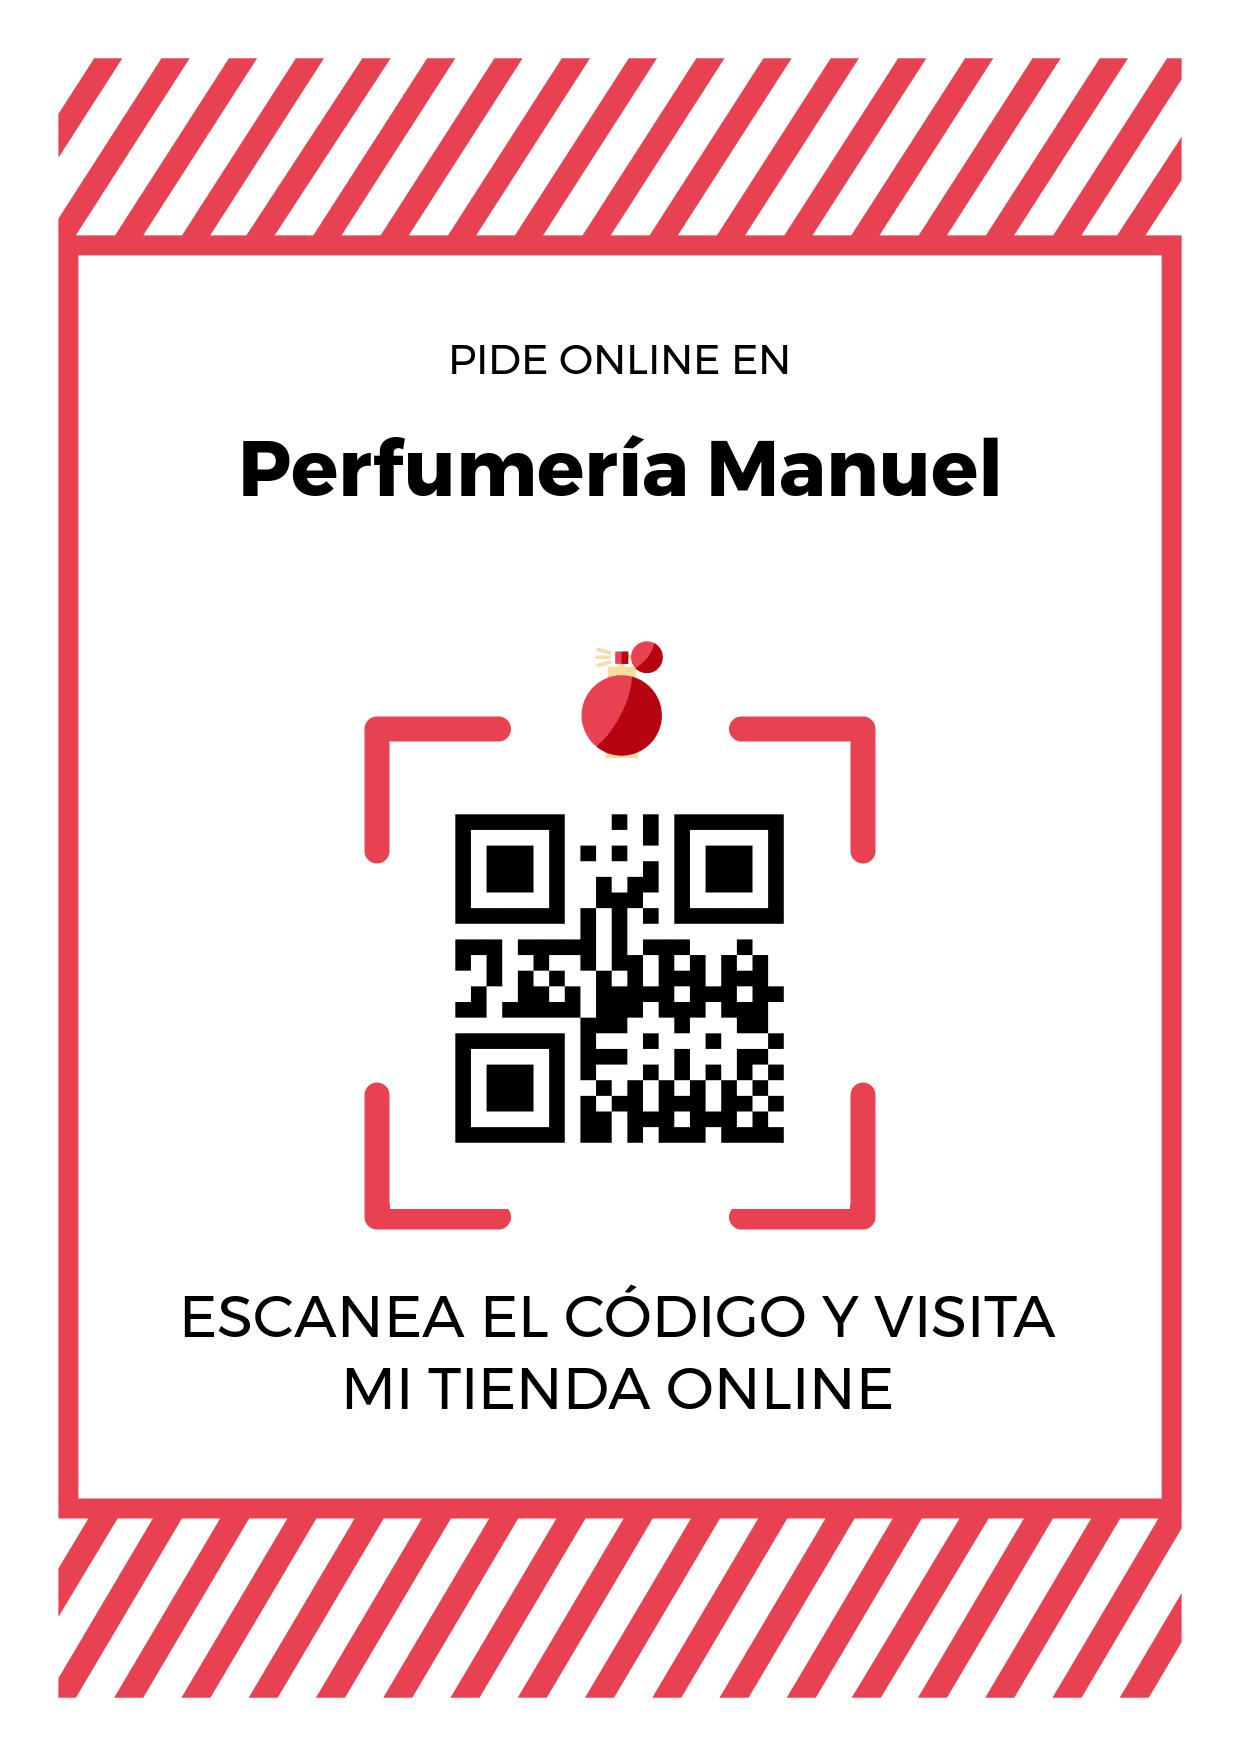 Cartel Póster de Código QR para tienda de Perfumería